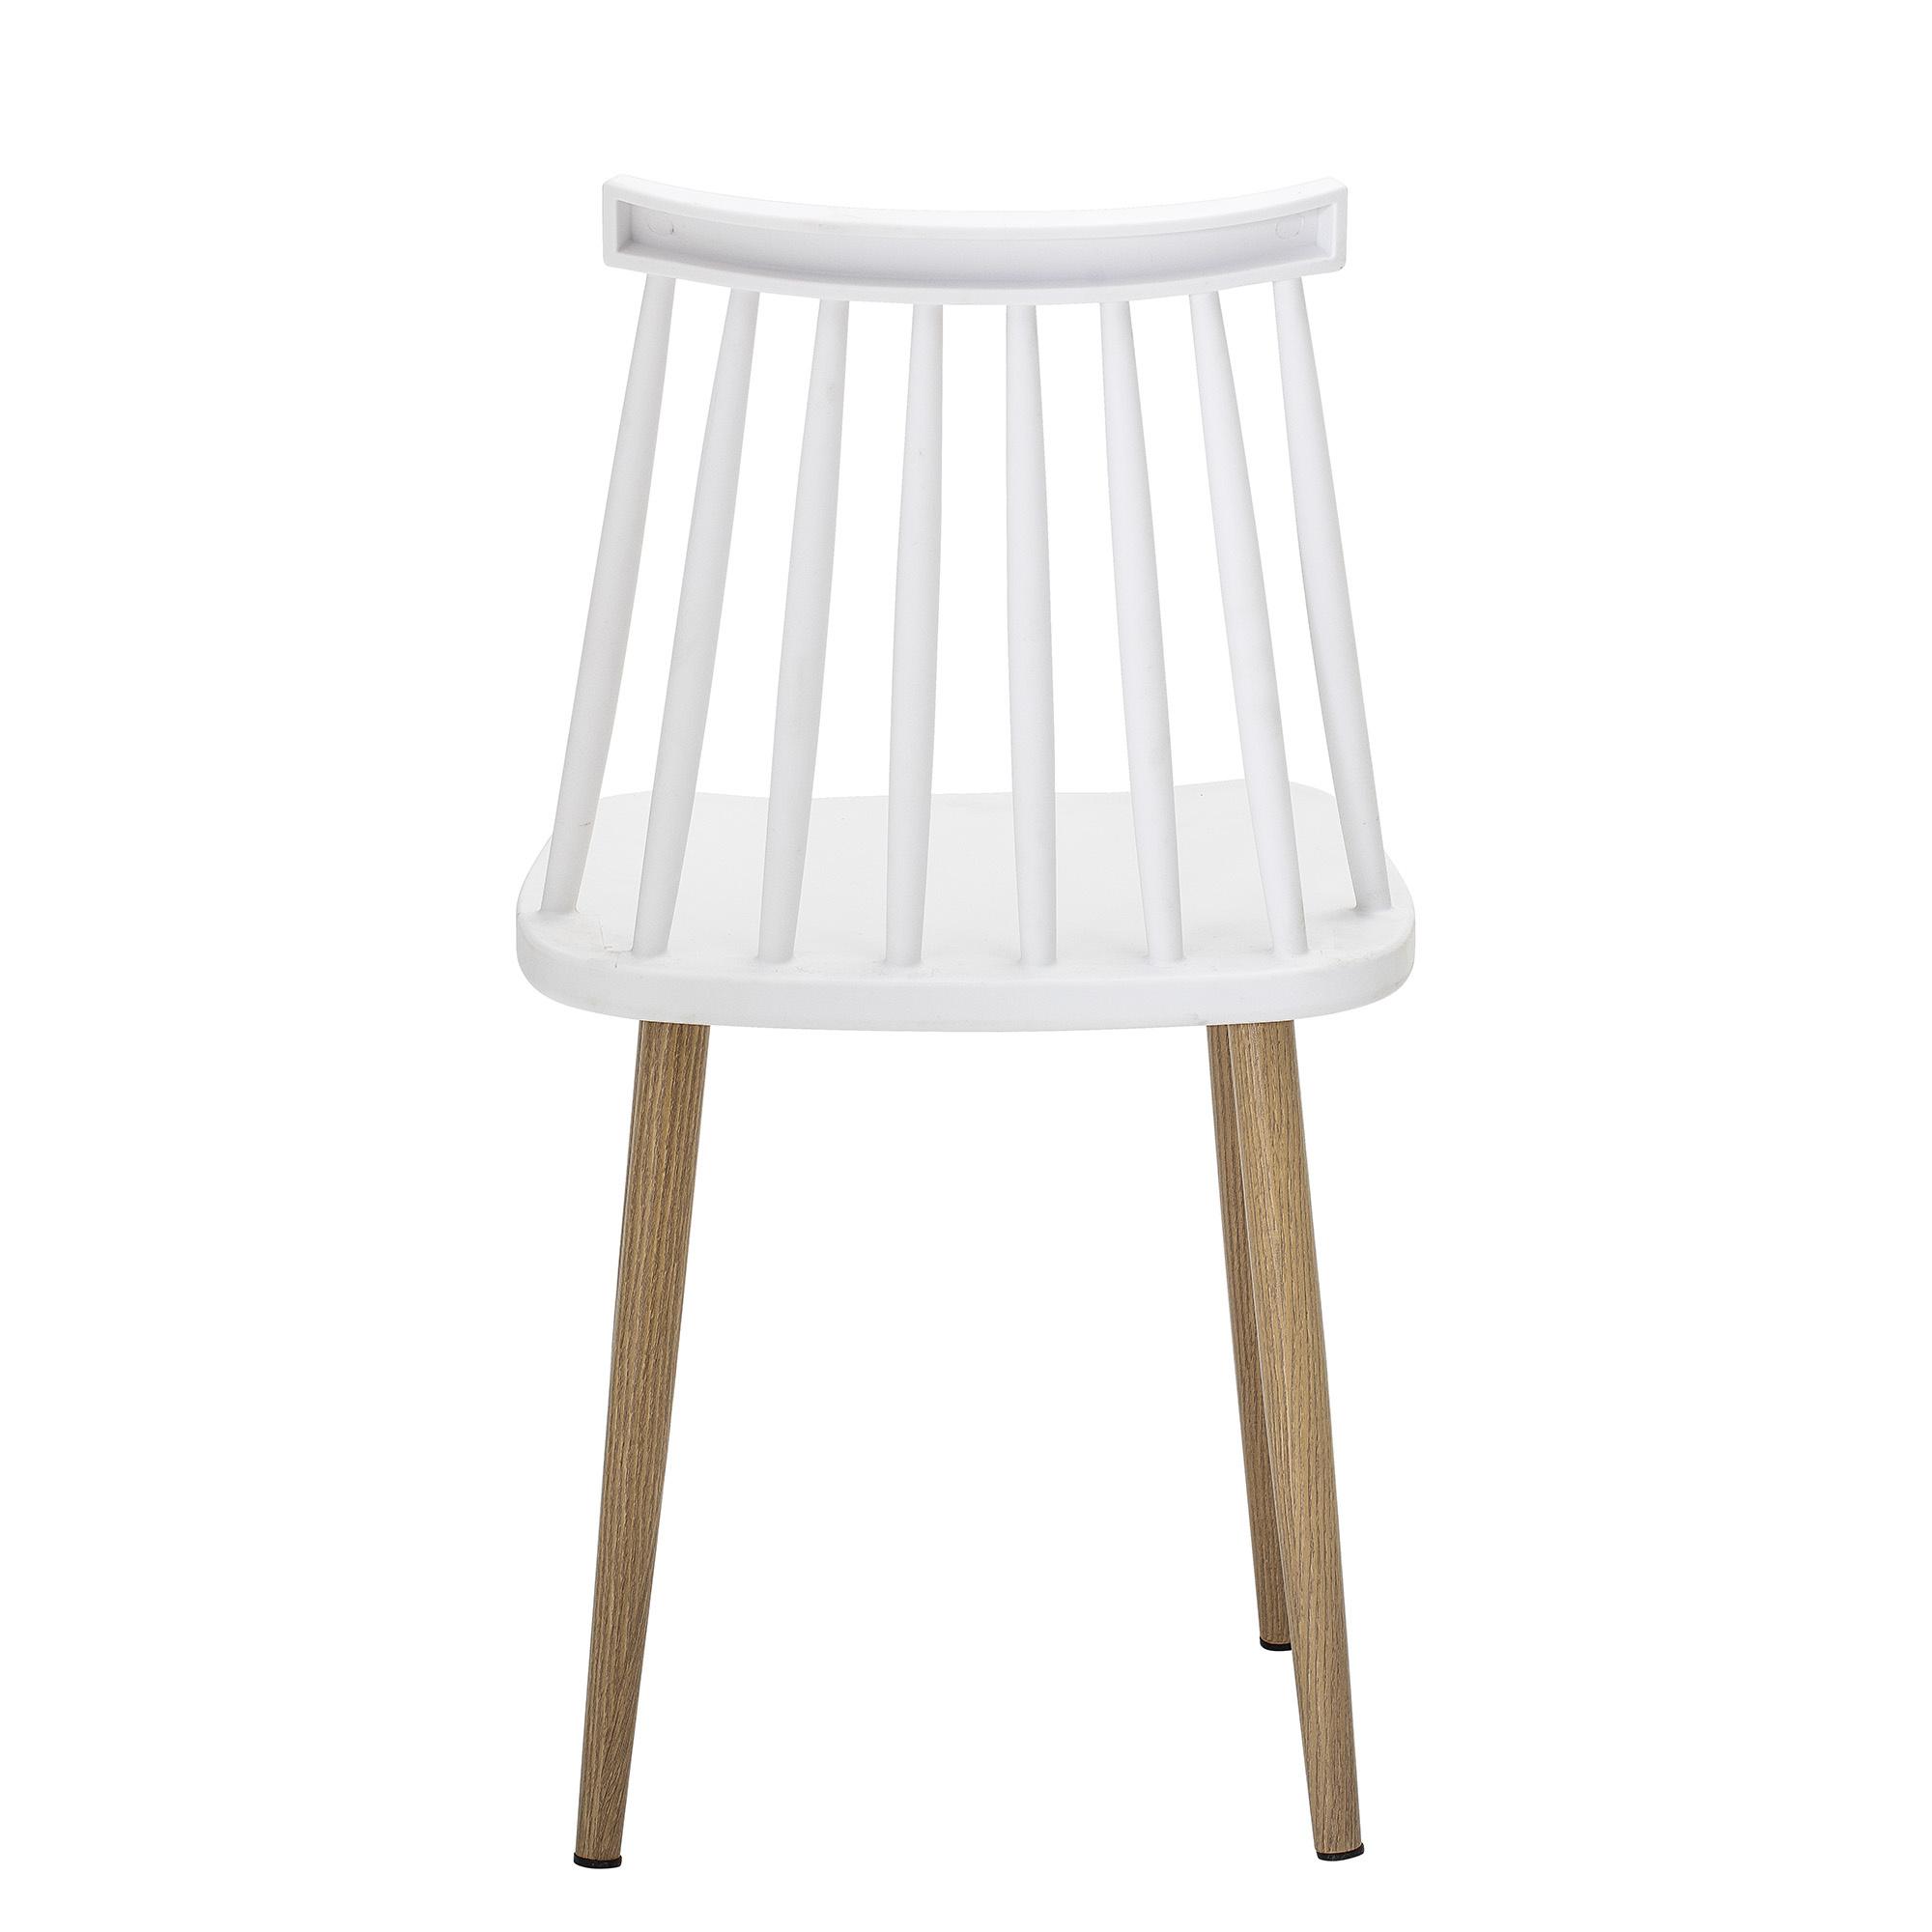 Bloomingville Chaise de jardin Plastique - blanc - L42xH80xW42cm - Bloomingville